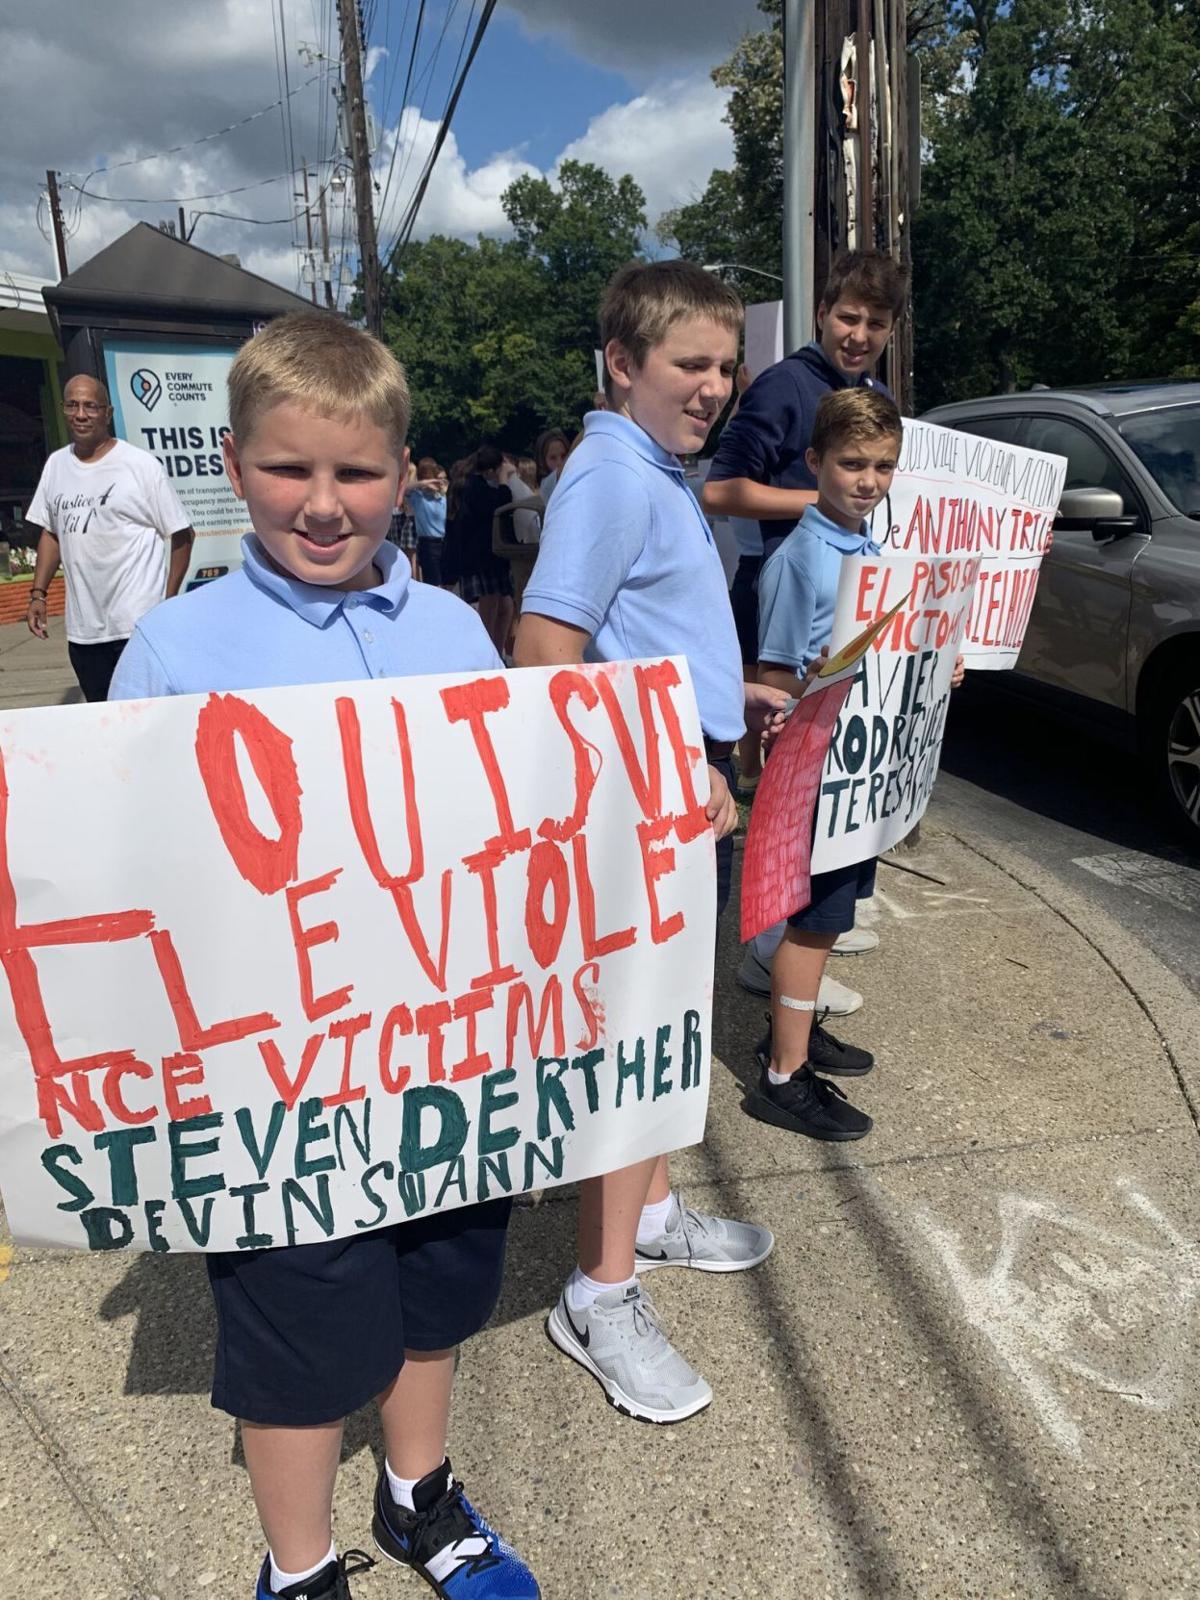 Saint Francis of Assisi students hold signs at anti-violence walk